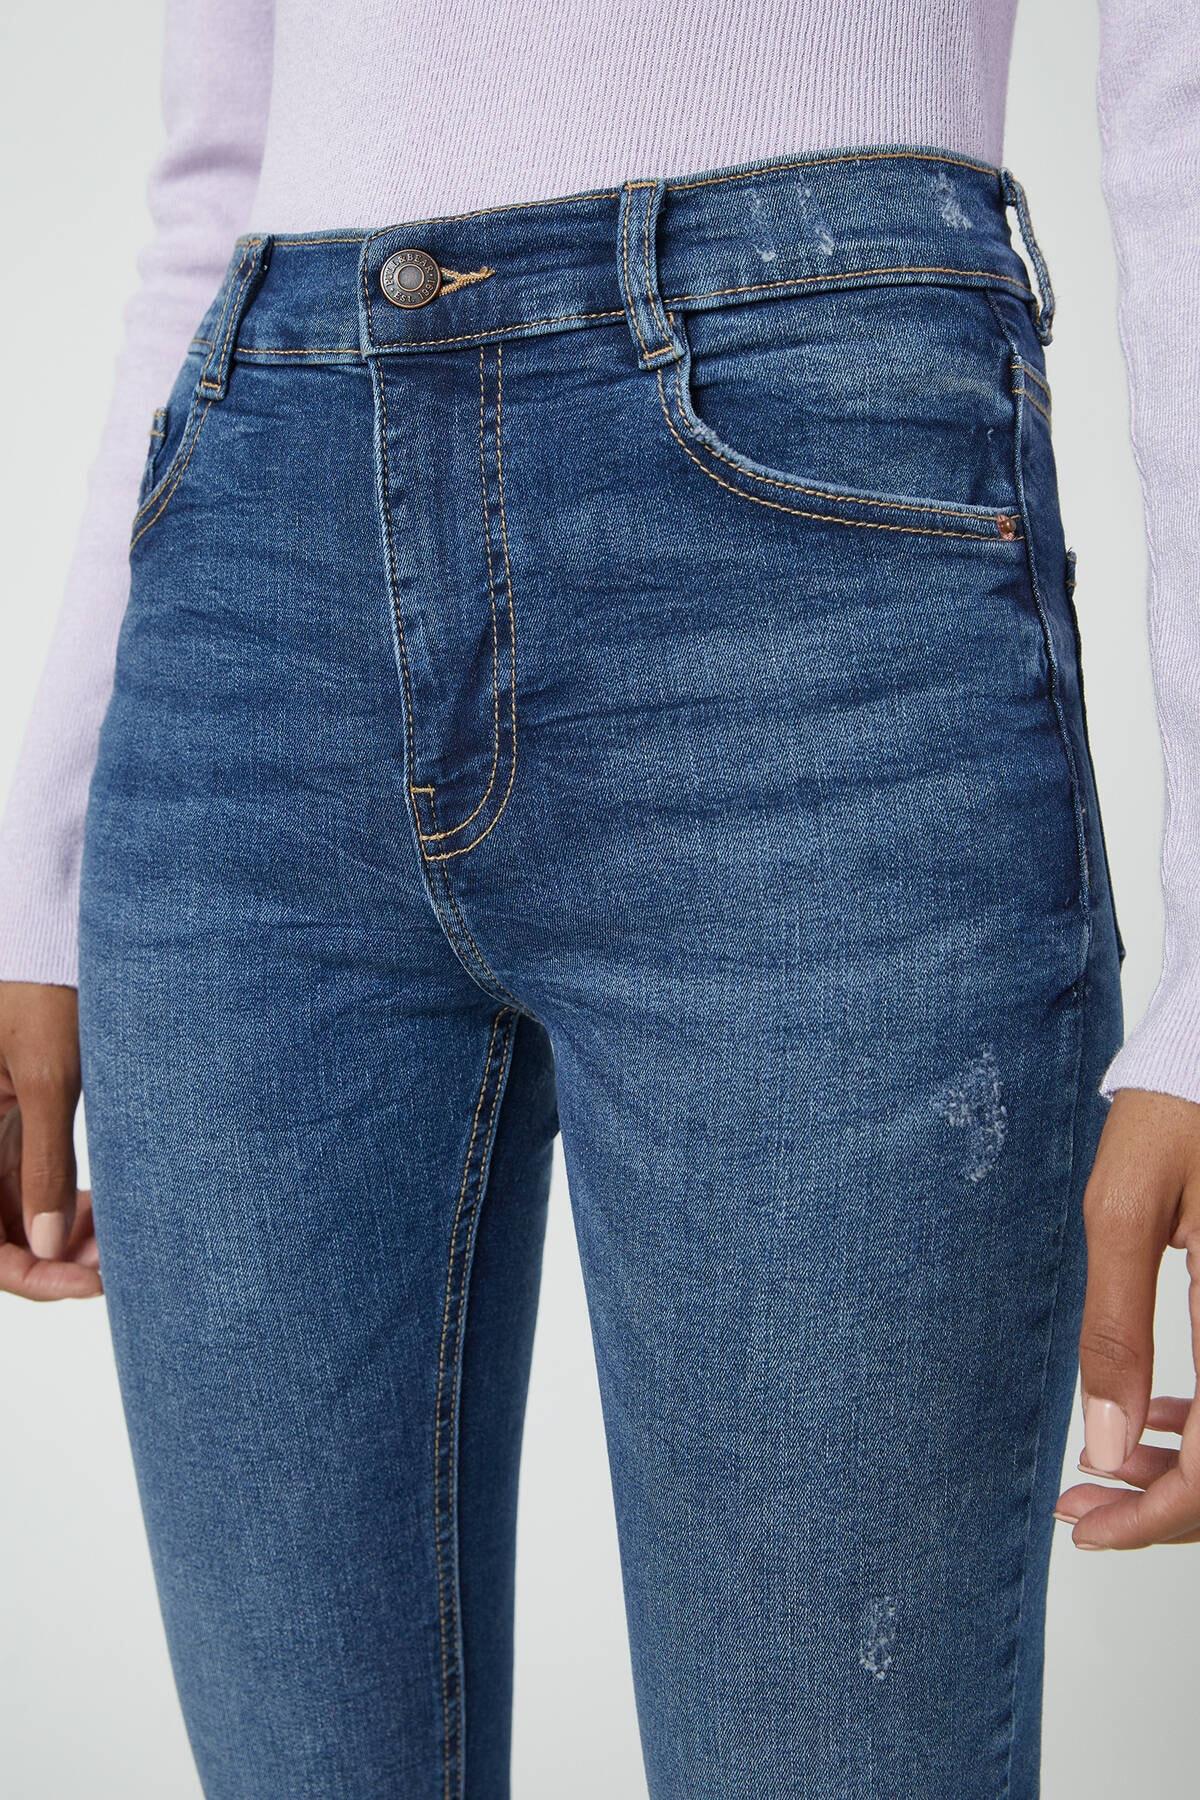 Pull & Bear Kadın Koyu Mavi Orta Bel Skinny Fit Jean 05682320 4